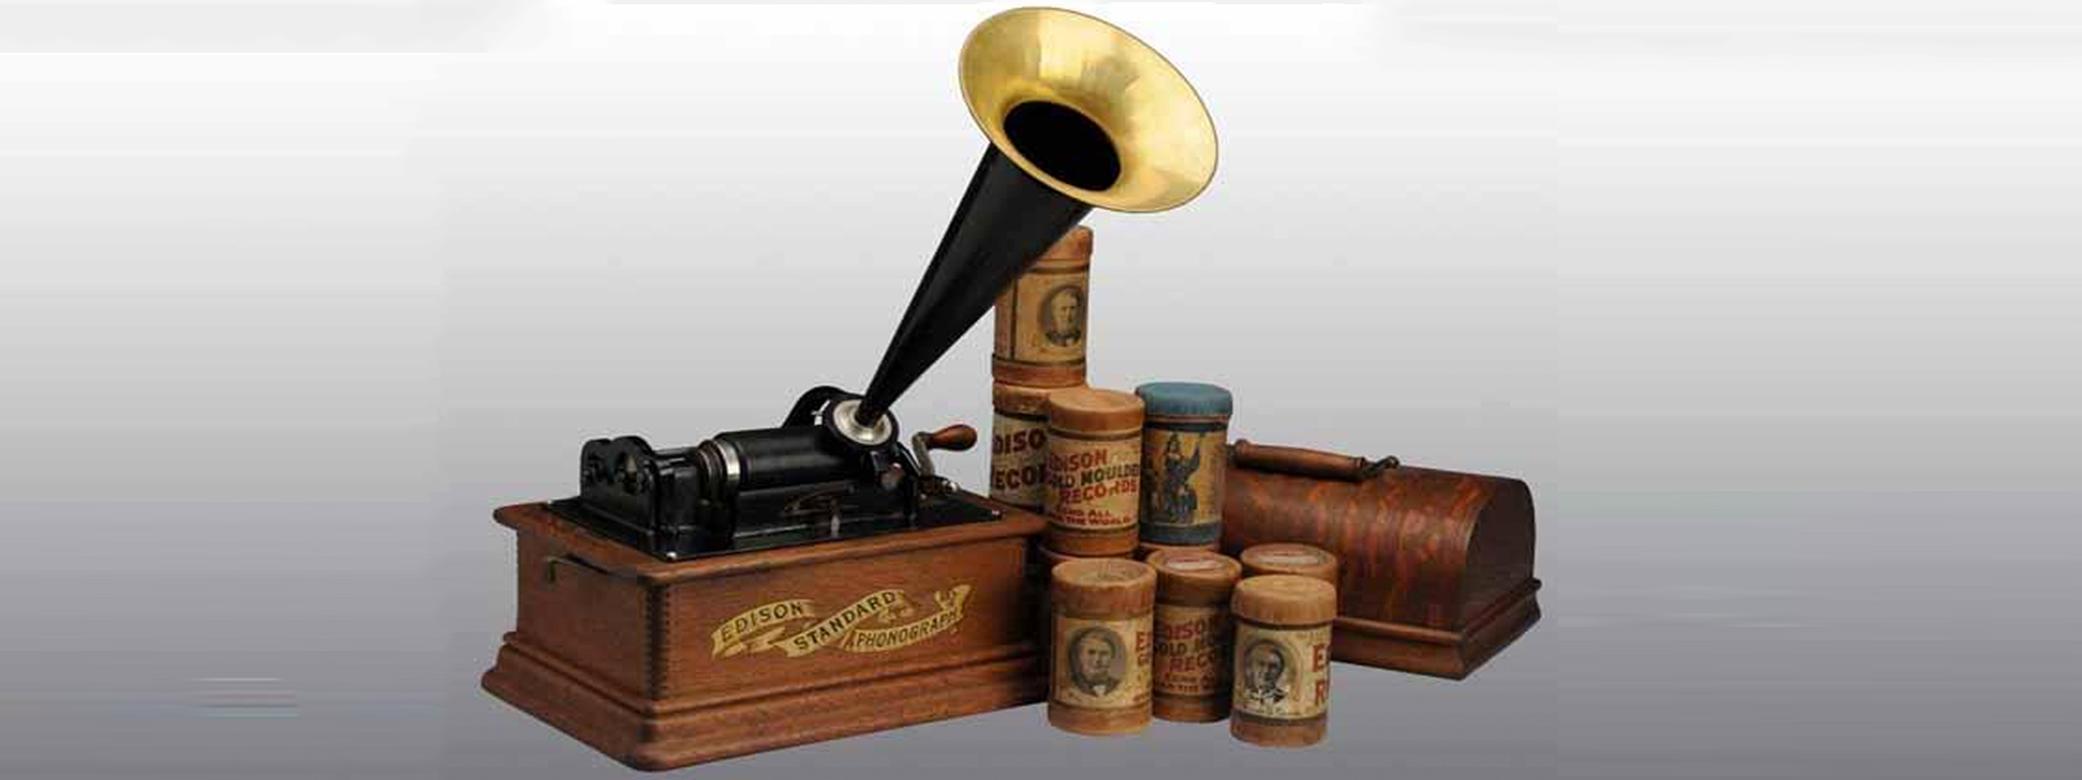 【黑膠機未出現之前,留聲機嘅歷史你又知幾多?】